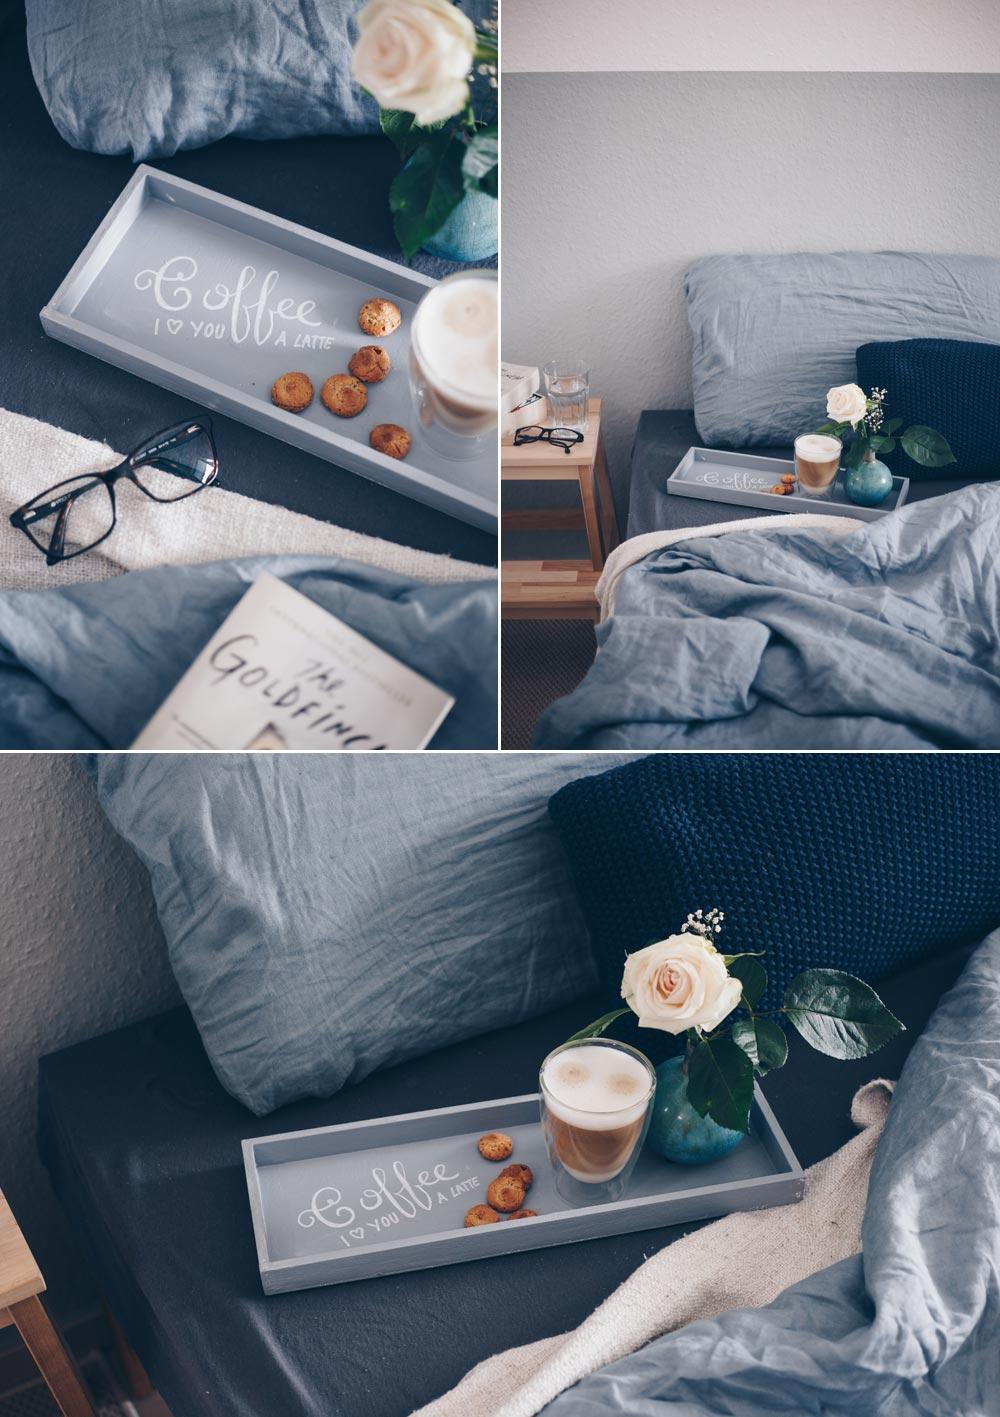 DIY Wiederbeschriftbares Tablett mit Tafellack - Kaffee Handletting DIY - Tablett mit Botschaft - DIY Geschenkidee - Frühstück im Bett